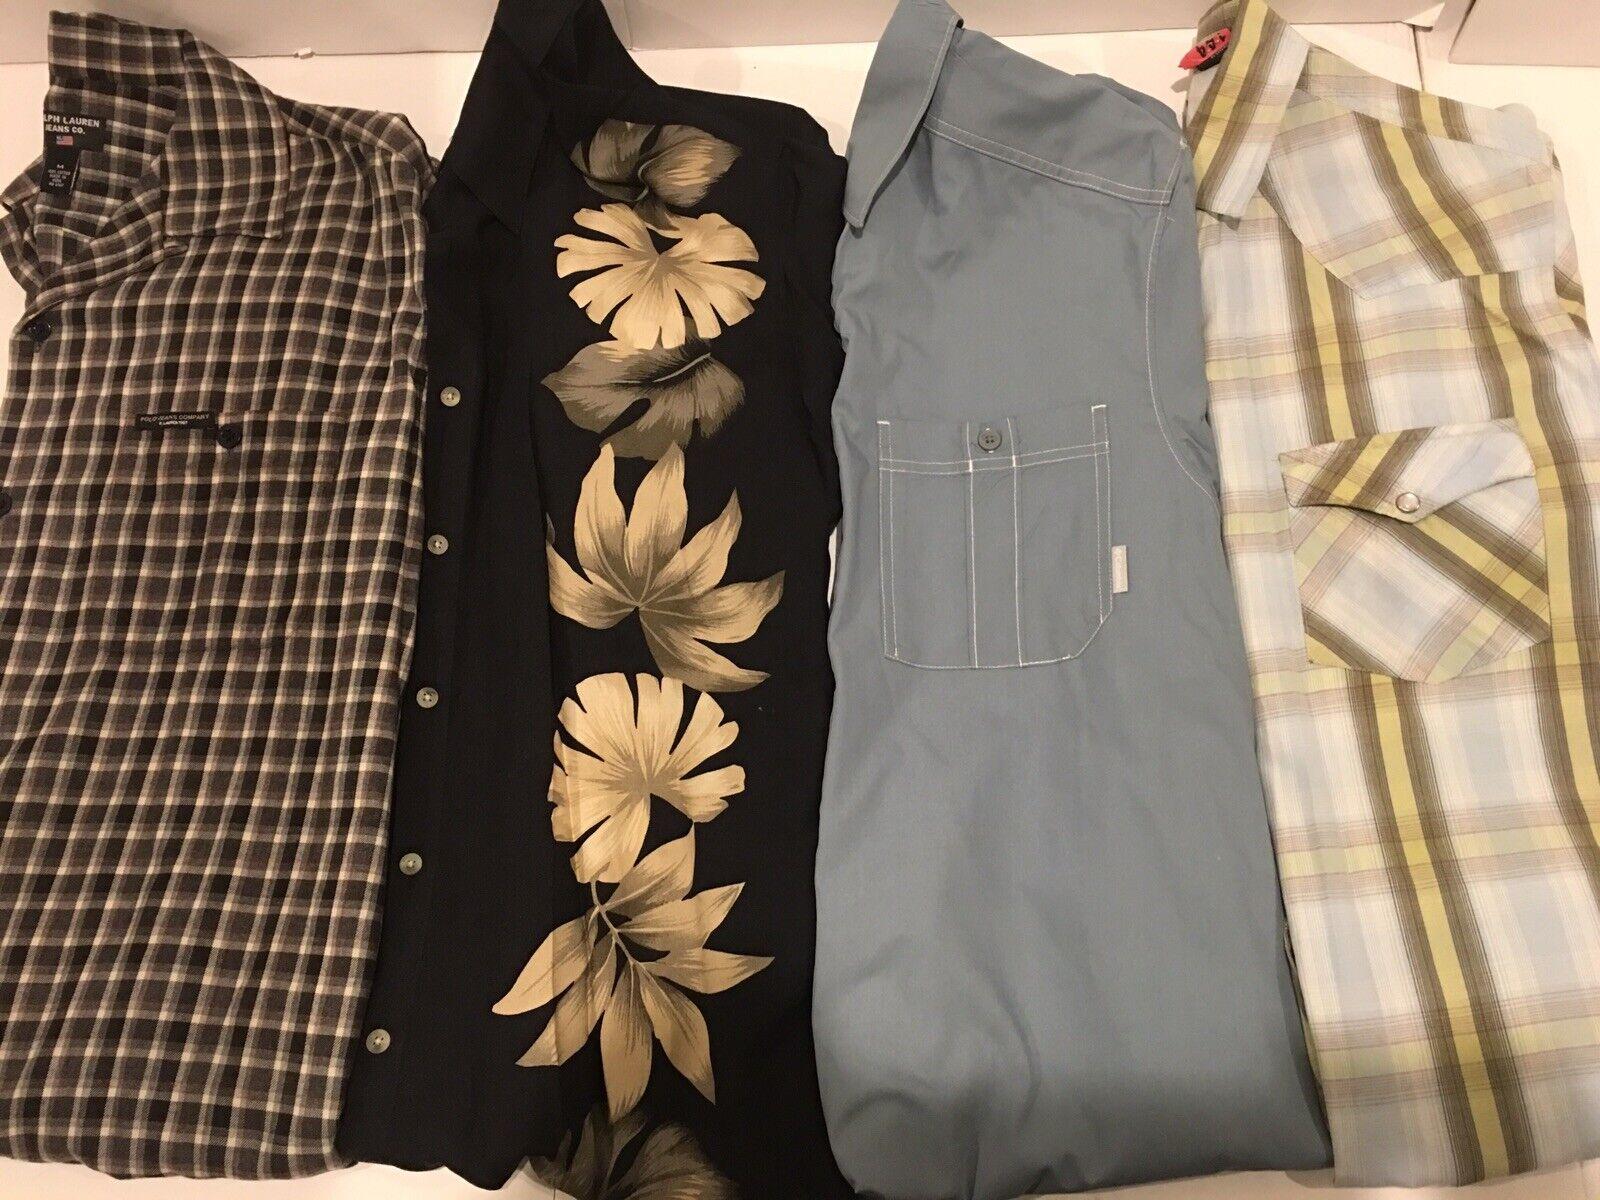 Vintage Men Dressy Button Up Short Sleeved shirt Lot of 4, Pre-owned Size Meduim